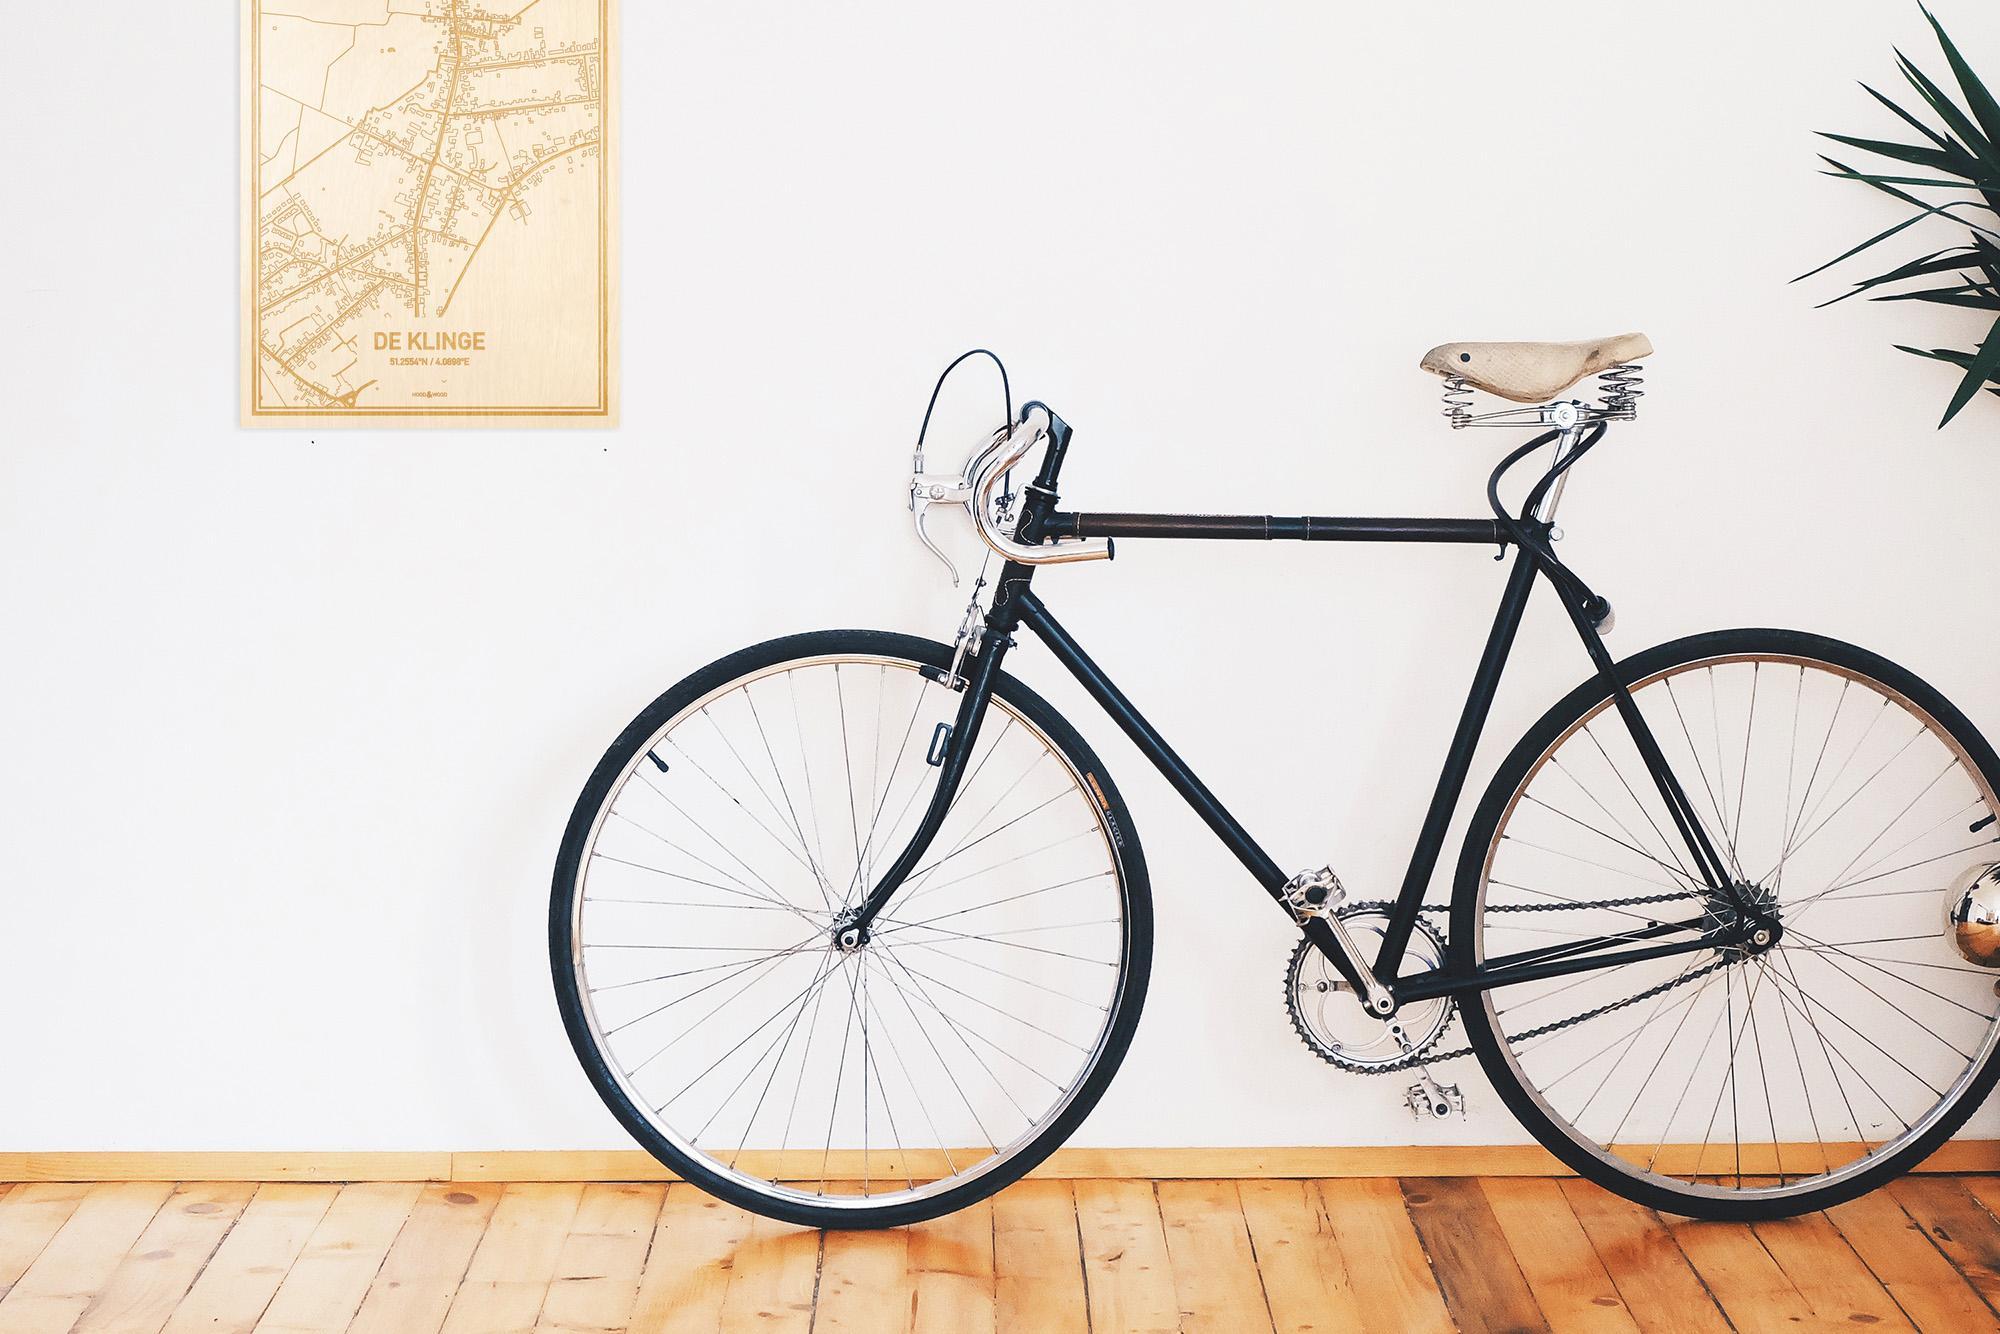 Een snelle fiets in een uniek interieur in Oost-Vlaanderen  met mooie decoratie zoals de plattegrond De Klinge.